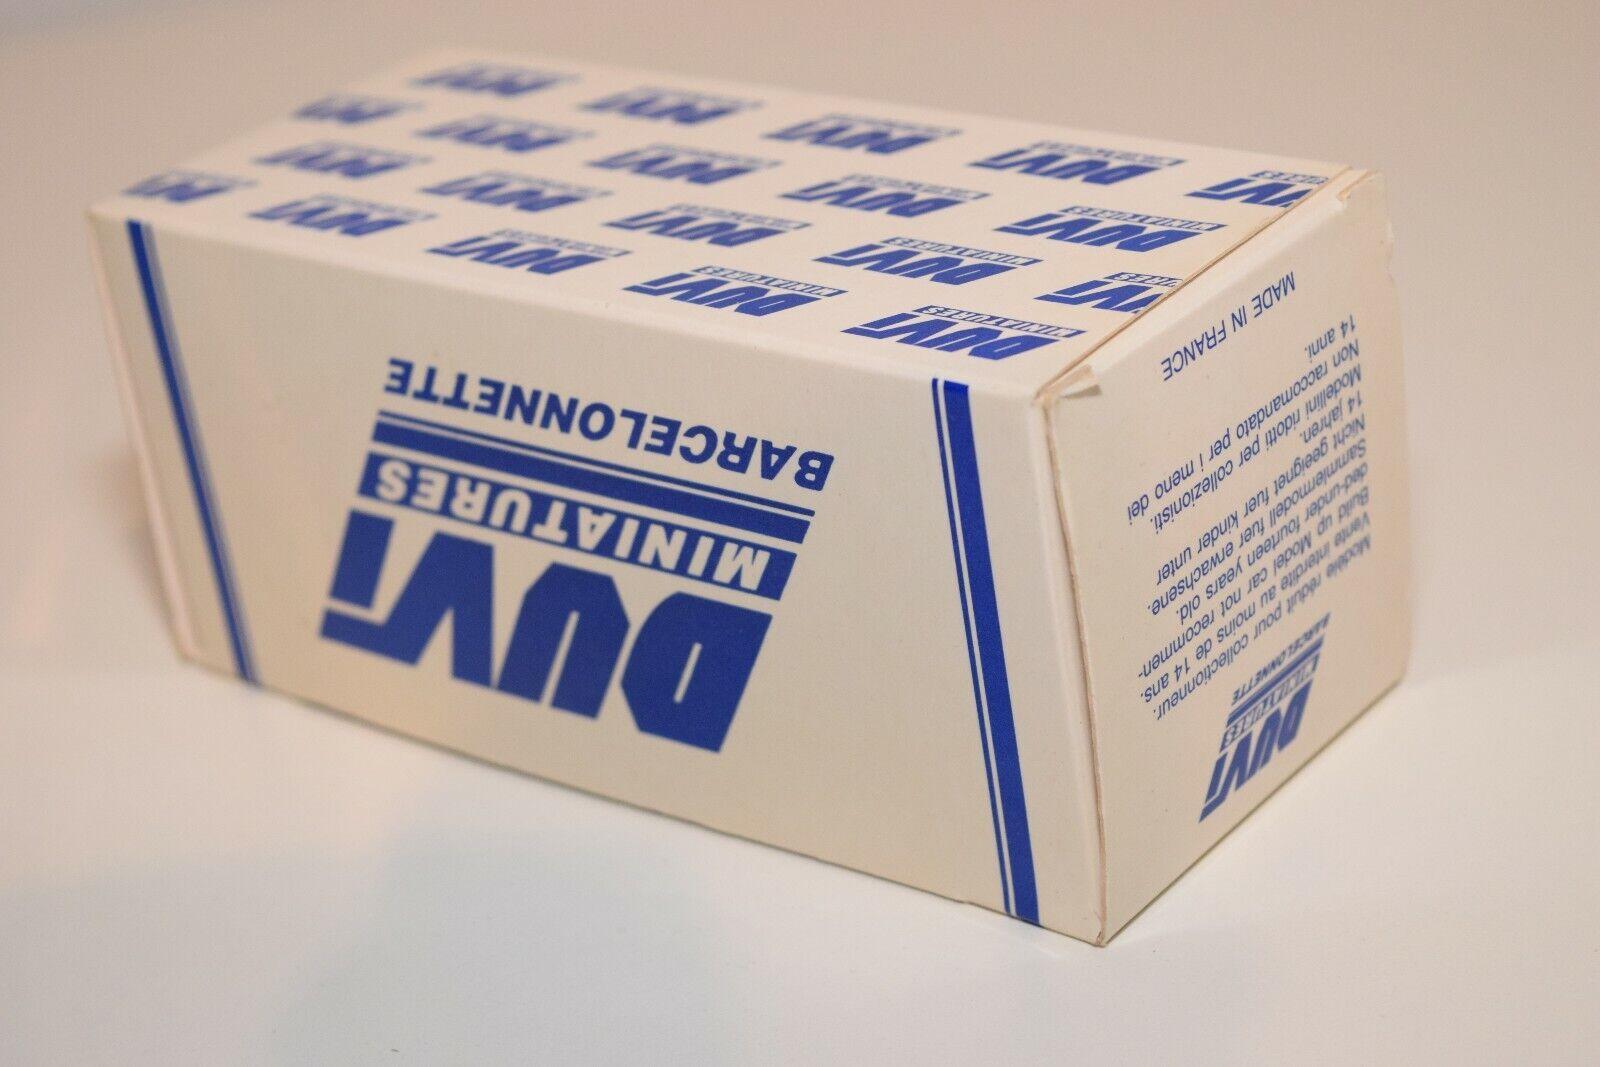 FF 1 43 DUVI DUVI DUVI SO496 SIMCA ARONDE P60 ETOILE SIX blu MINT BOXED 997426